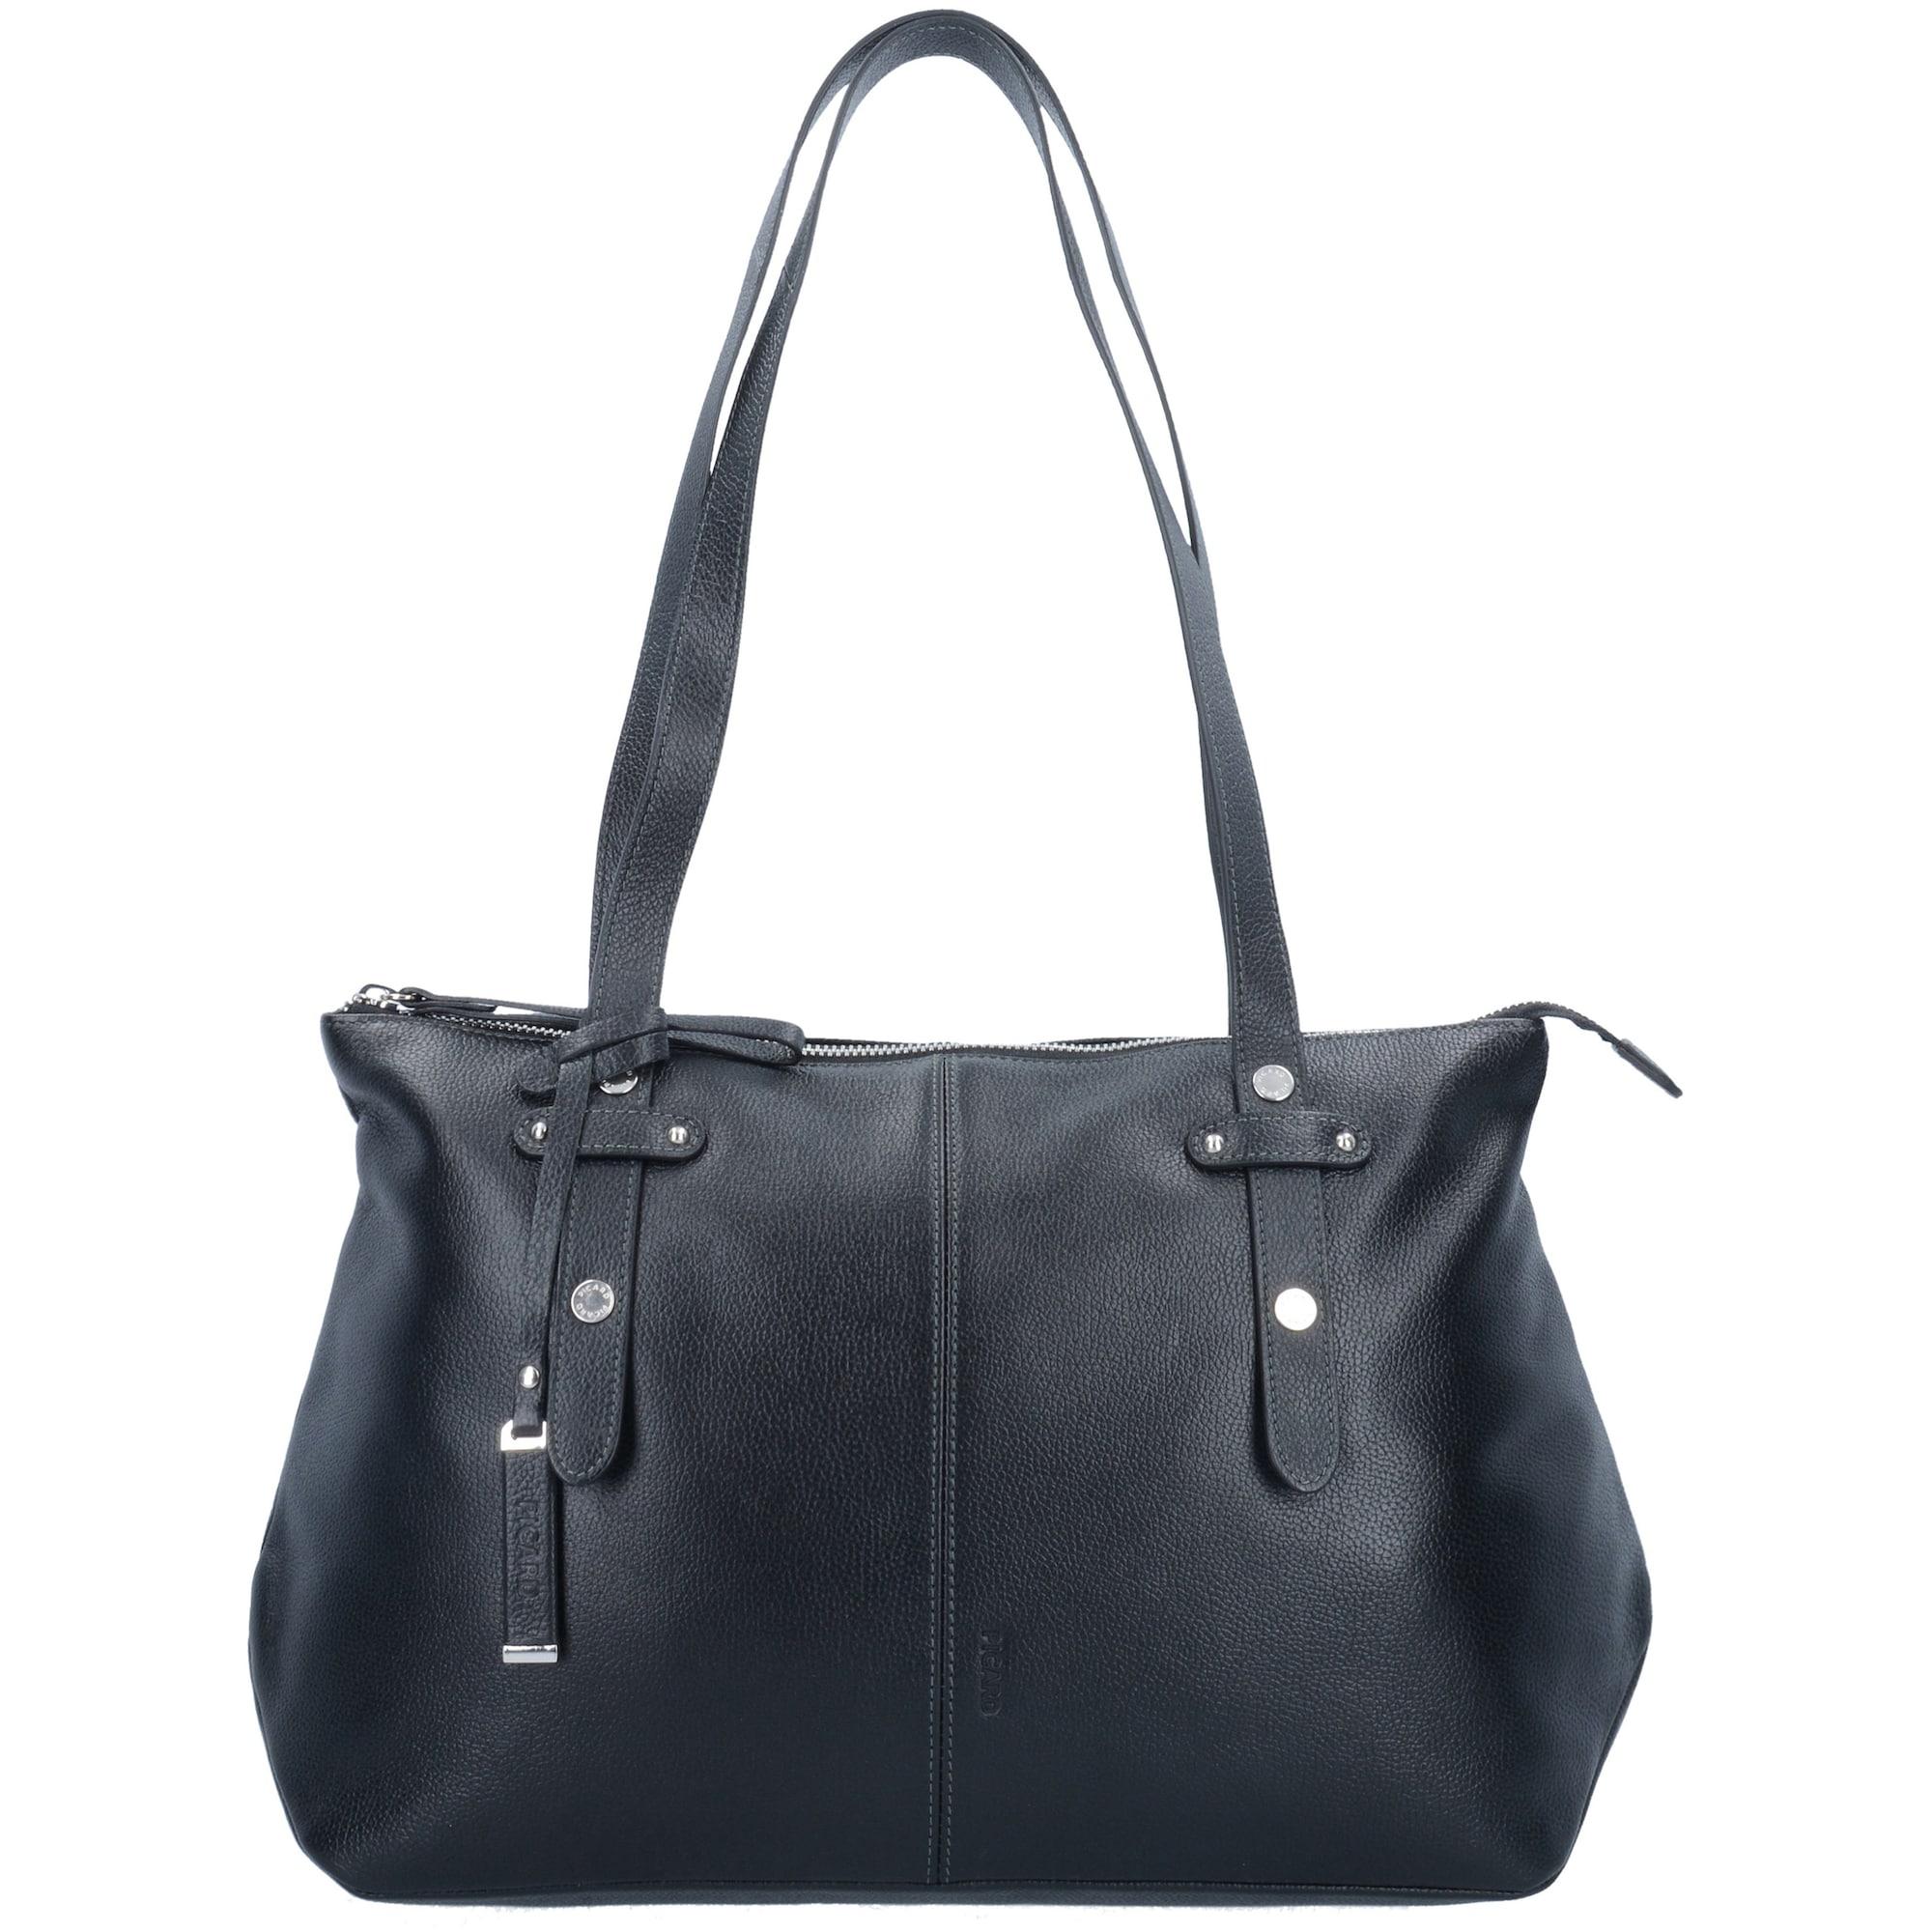 Schultertasche 'Daily' | Taschen > Handtaschen > Schultertaschen | Schwarz | Picard